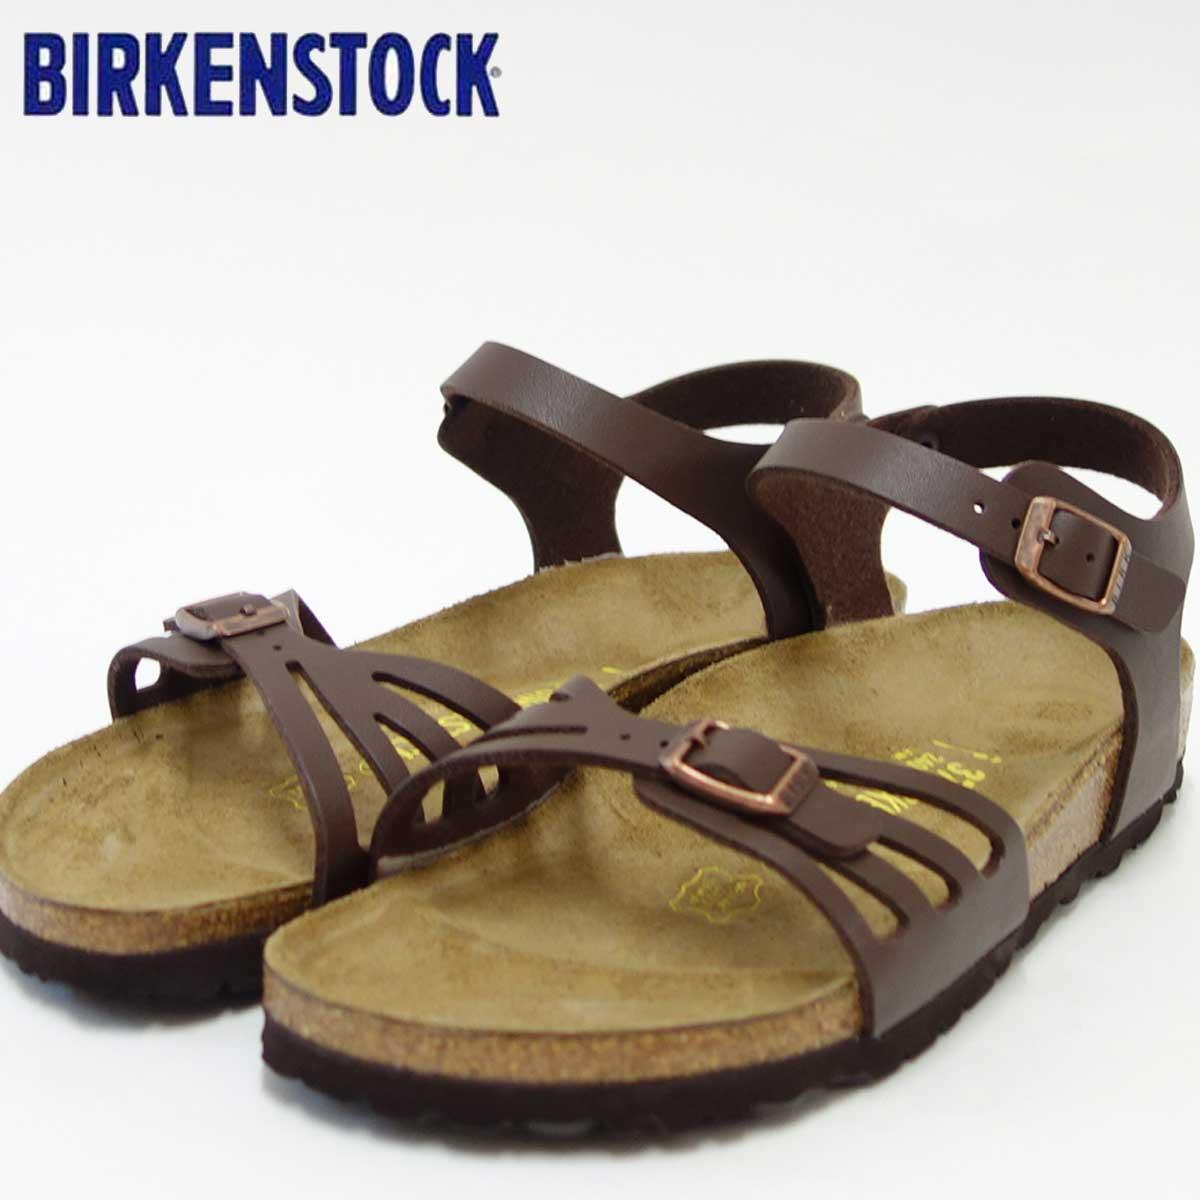 BIRKENSTOCK(ビルケンシュトック) Bali(バリ)085063(ビルコフロー/ダークブラウン)ドイツ生まれの快適サンダル「靴」